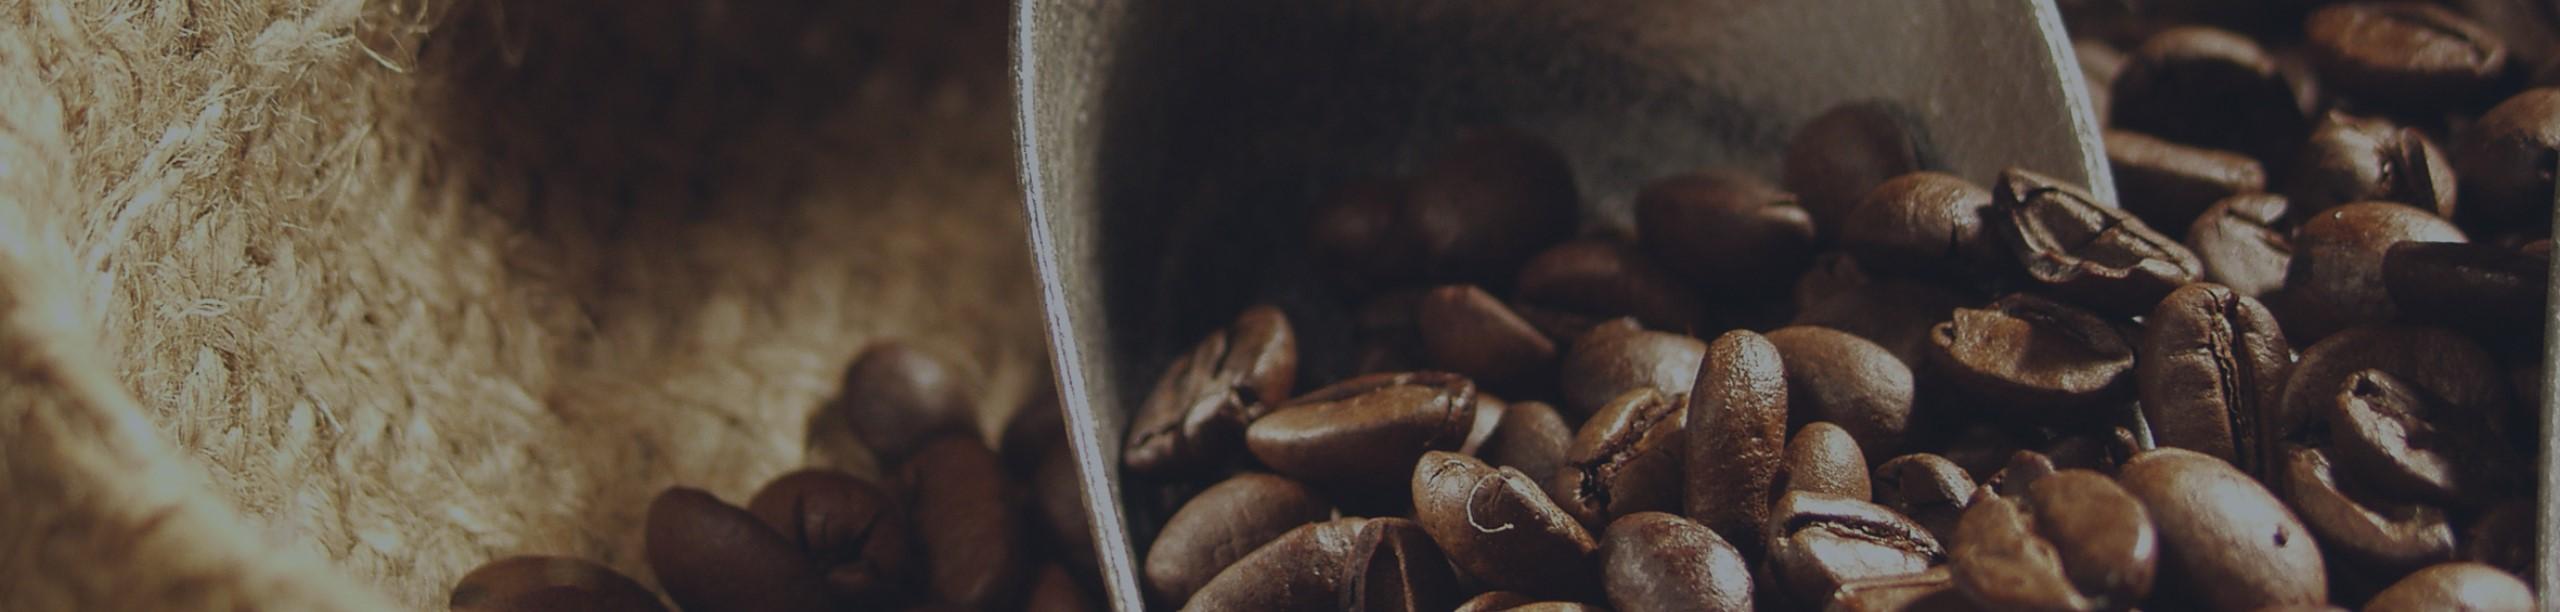 Coffee1-2